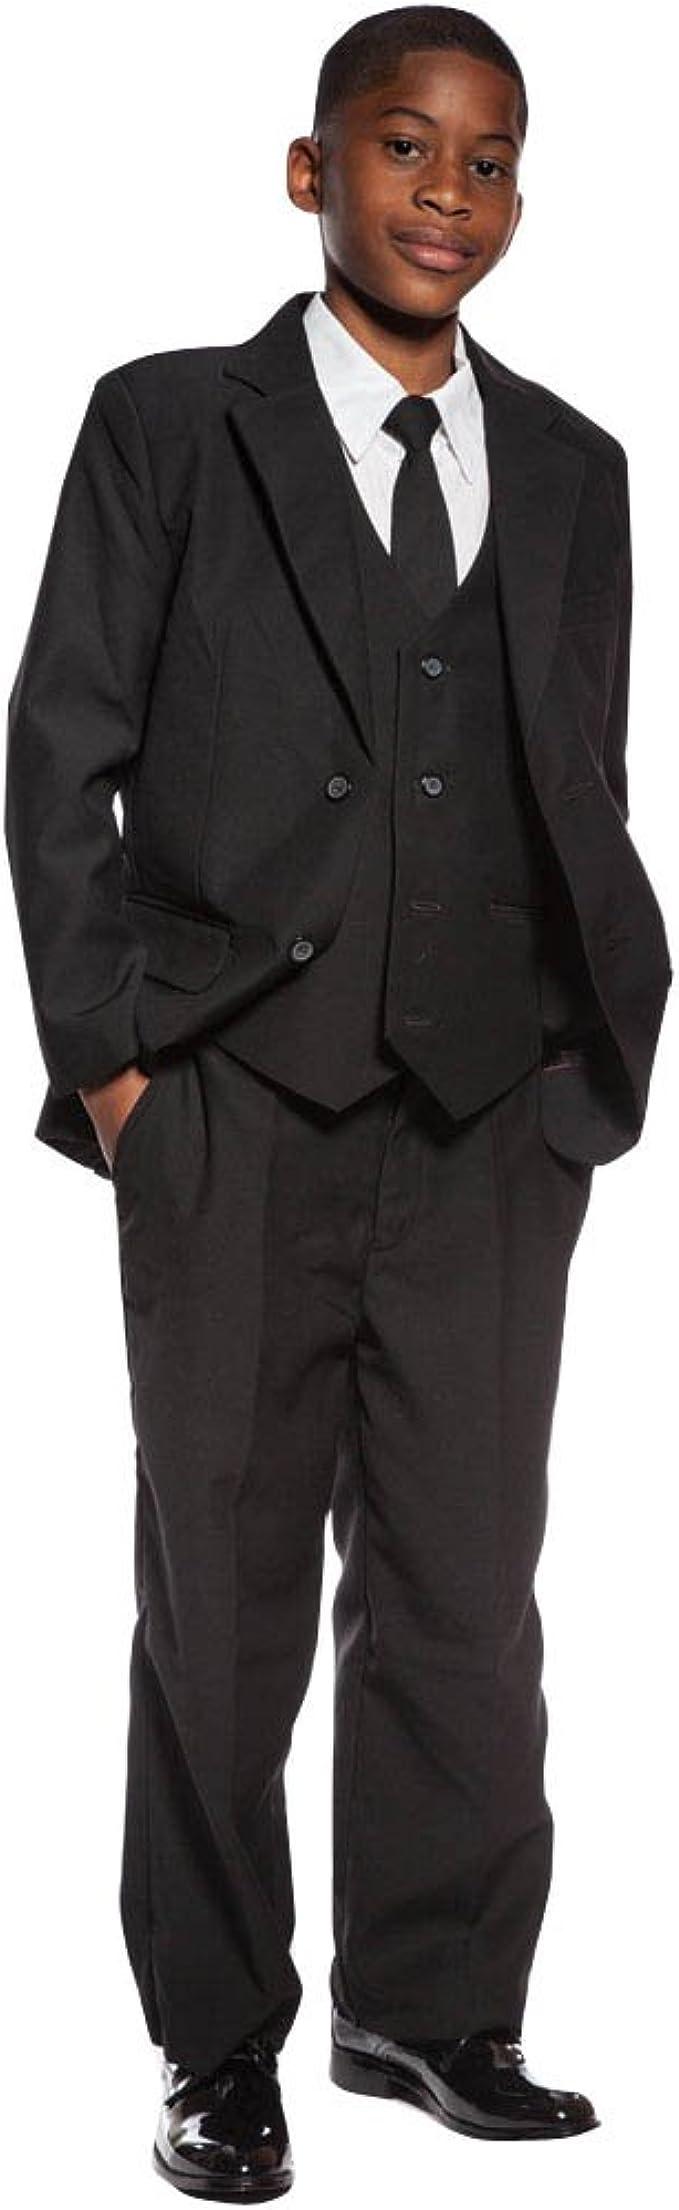 Kelaixiang Boys Classic Fit Formal Dress Suit Set 3 Piece Jacket Pants Vest Suits for Wedding